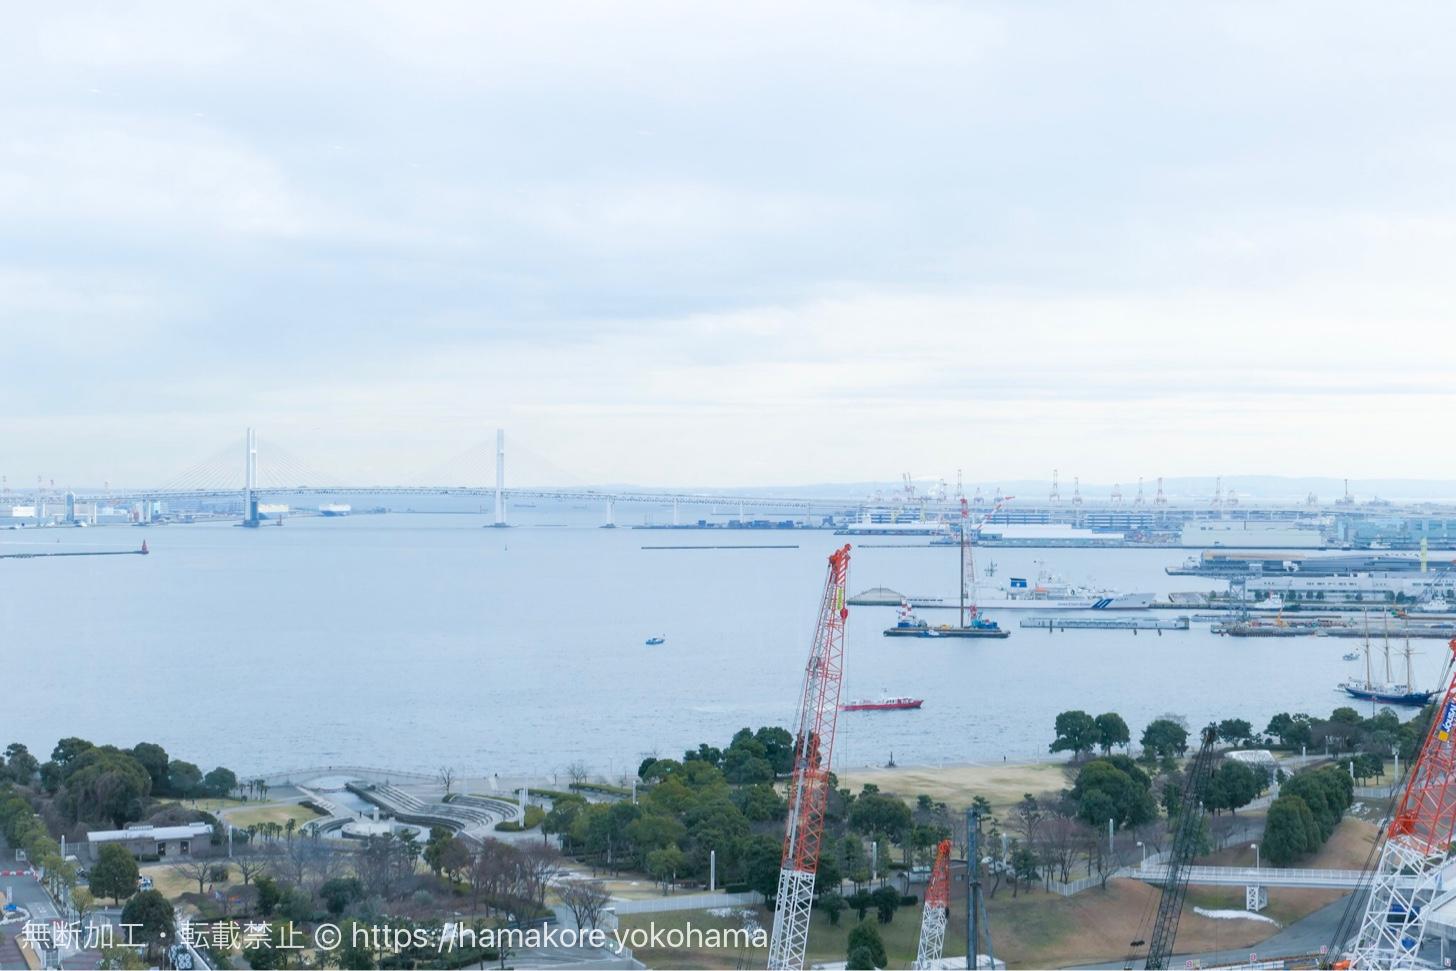 オリエンタルビーチみなとみらいから見た横浜港